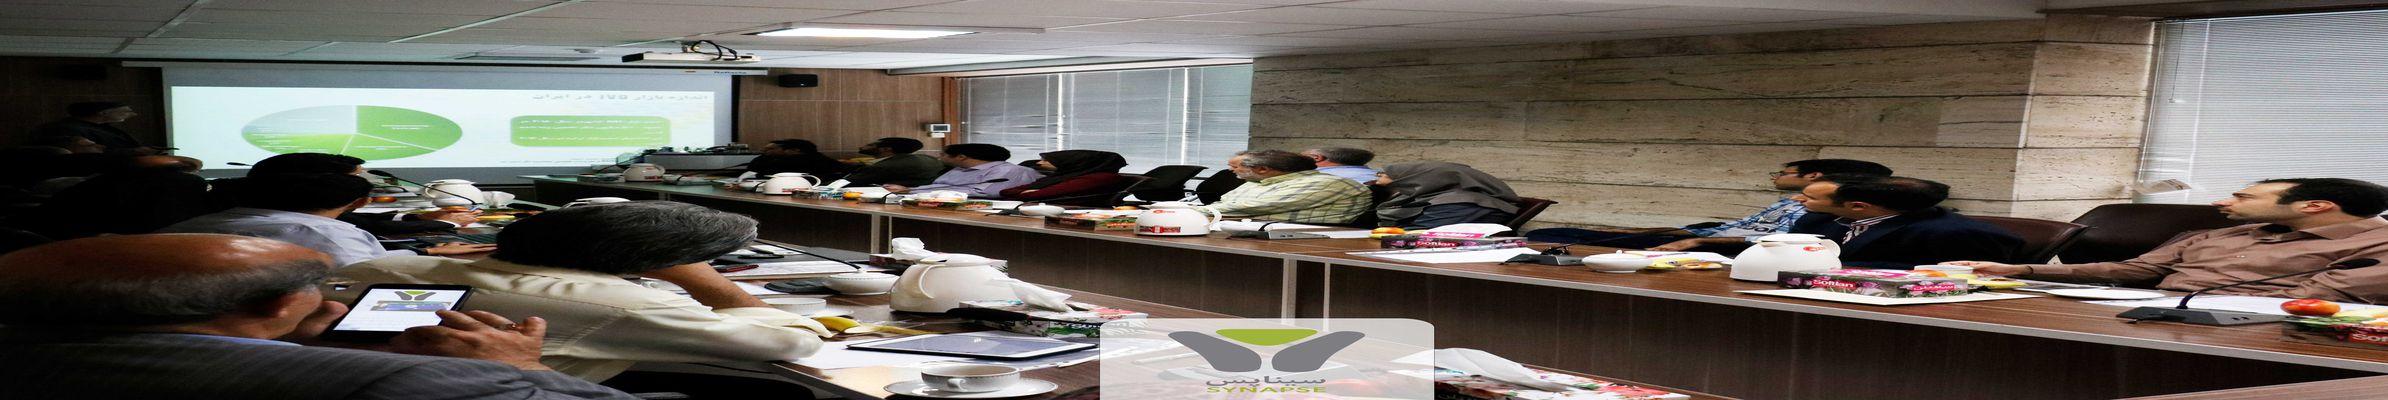 نشست شتاب دهنده سیناپس و اساتید دانشگاه صنعتی شریف